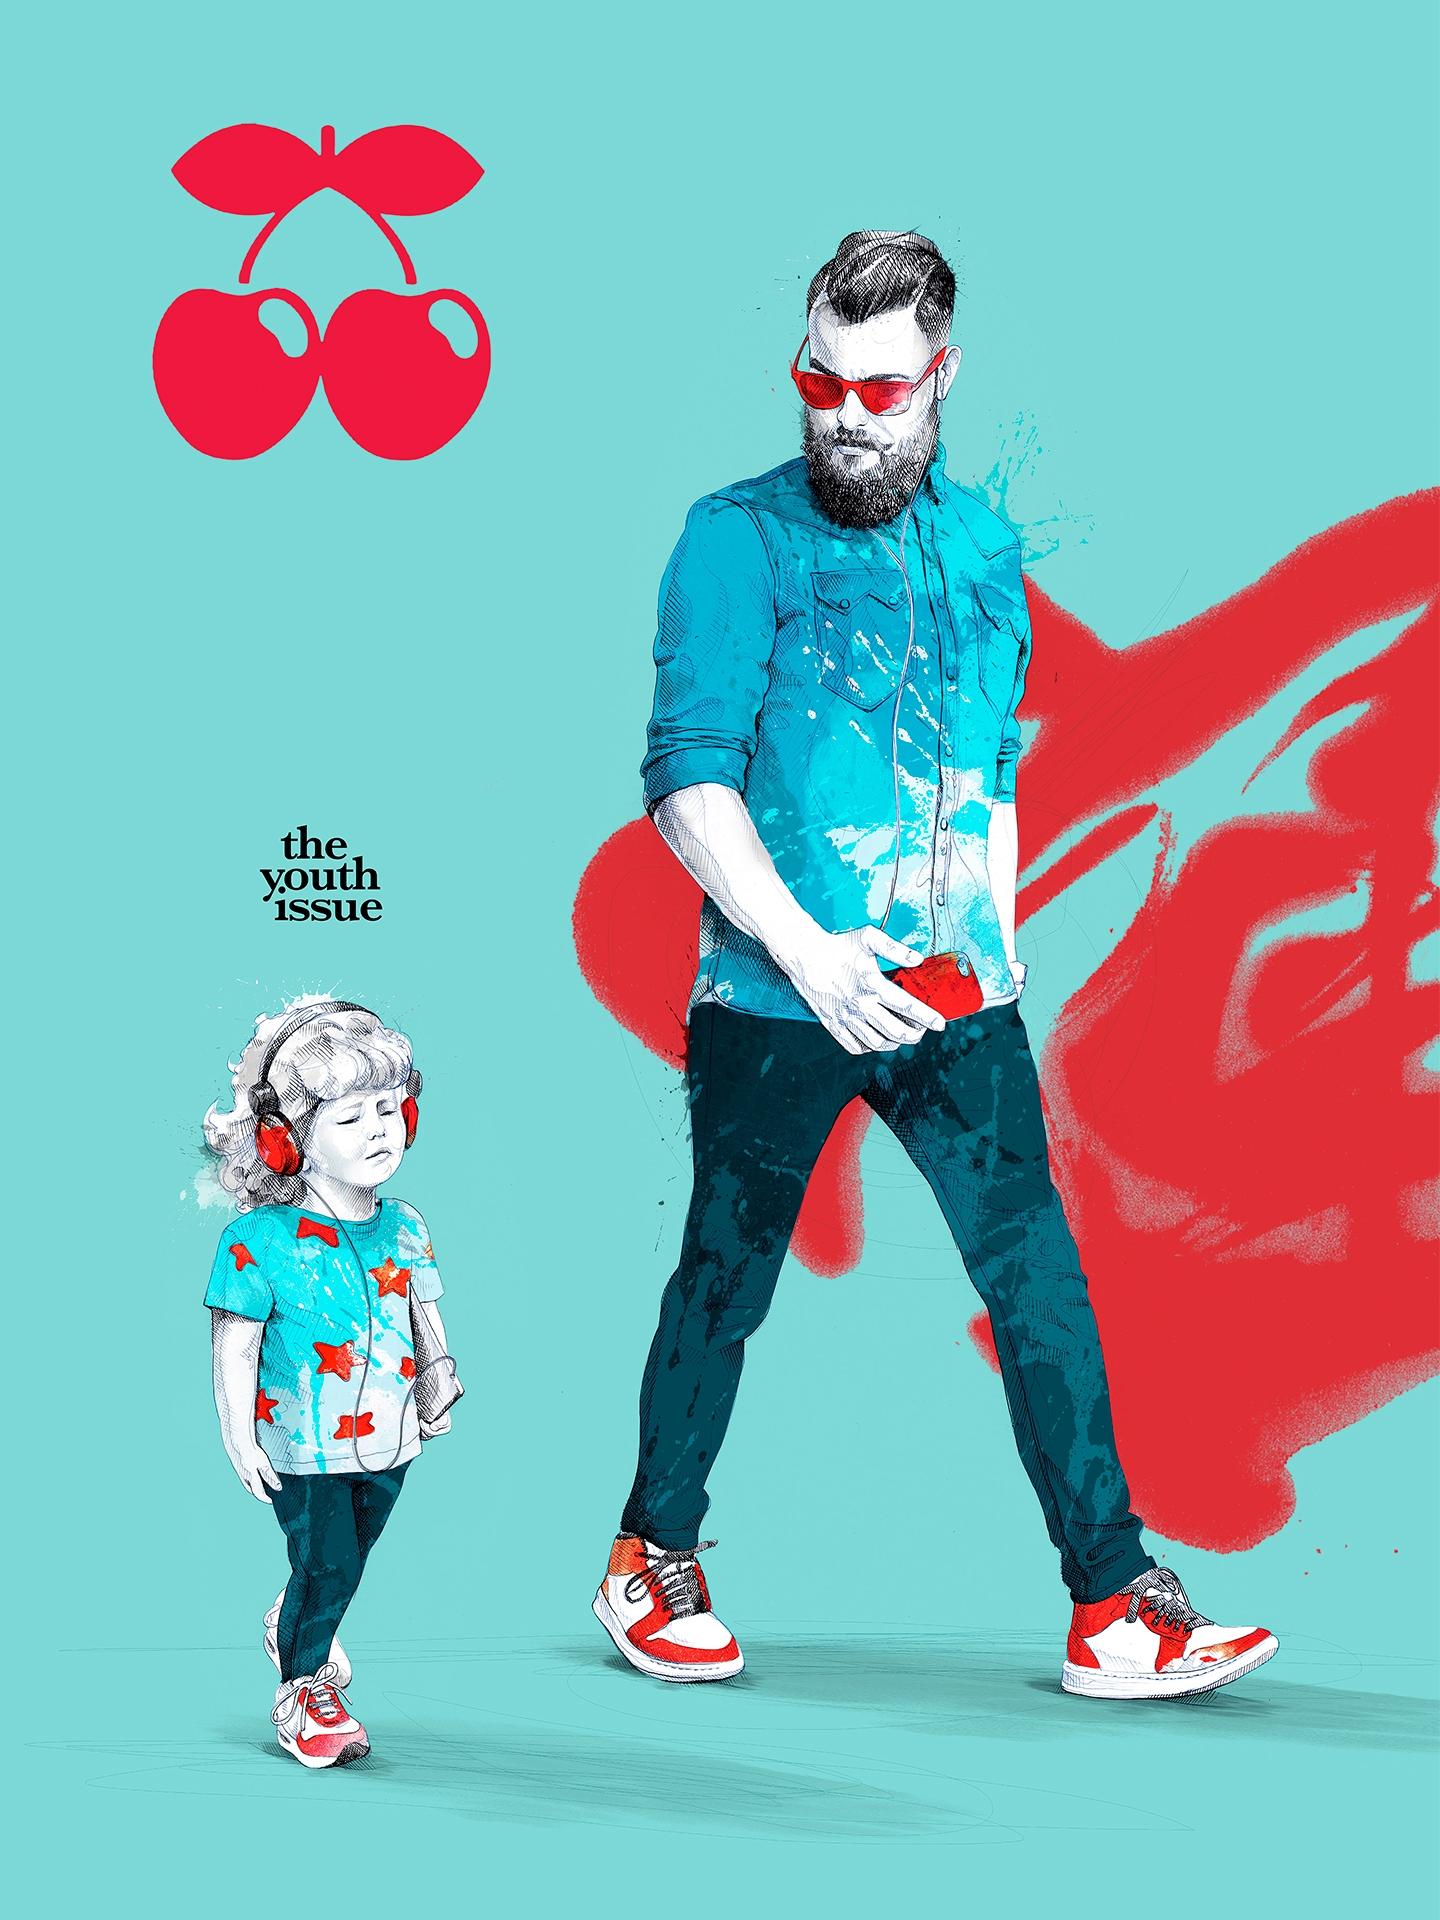 Pacha Ibiza magazine